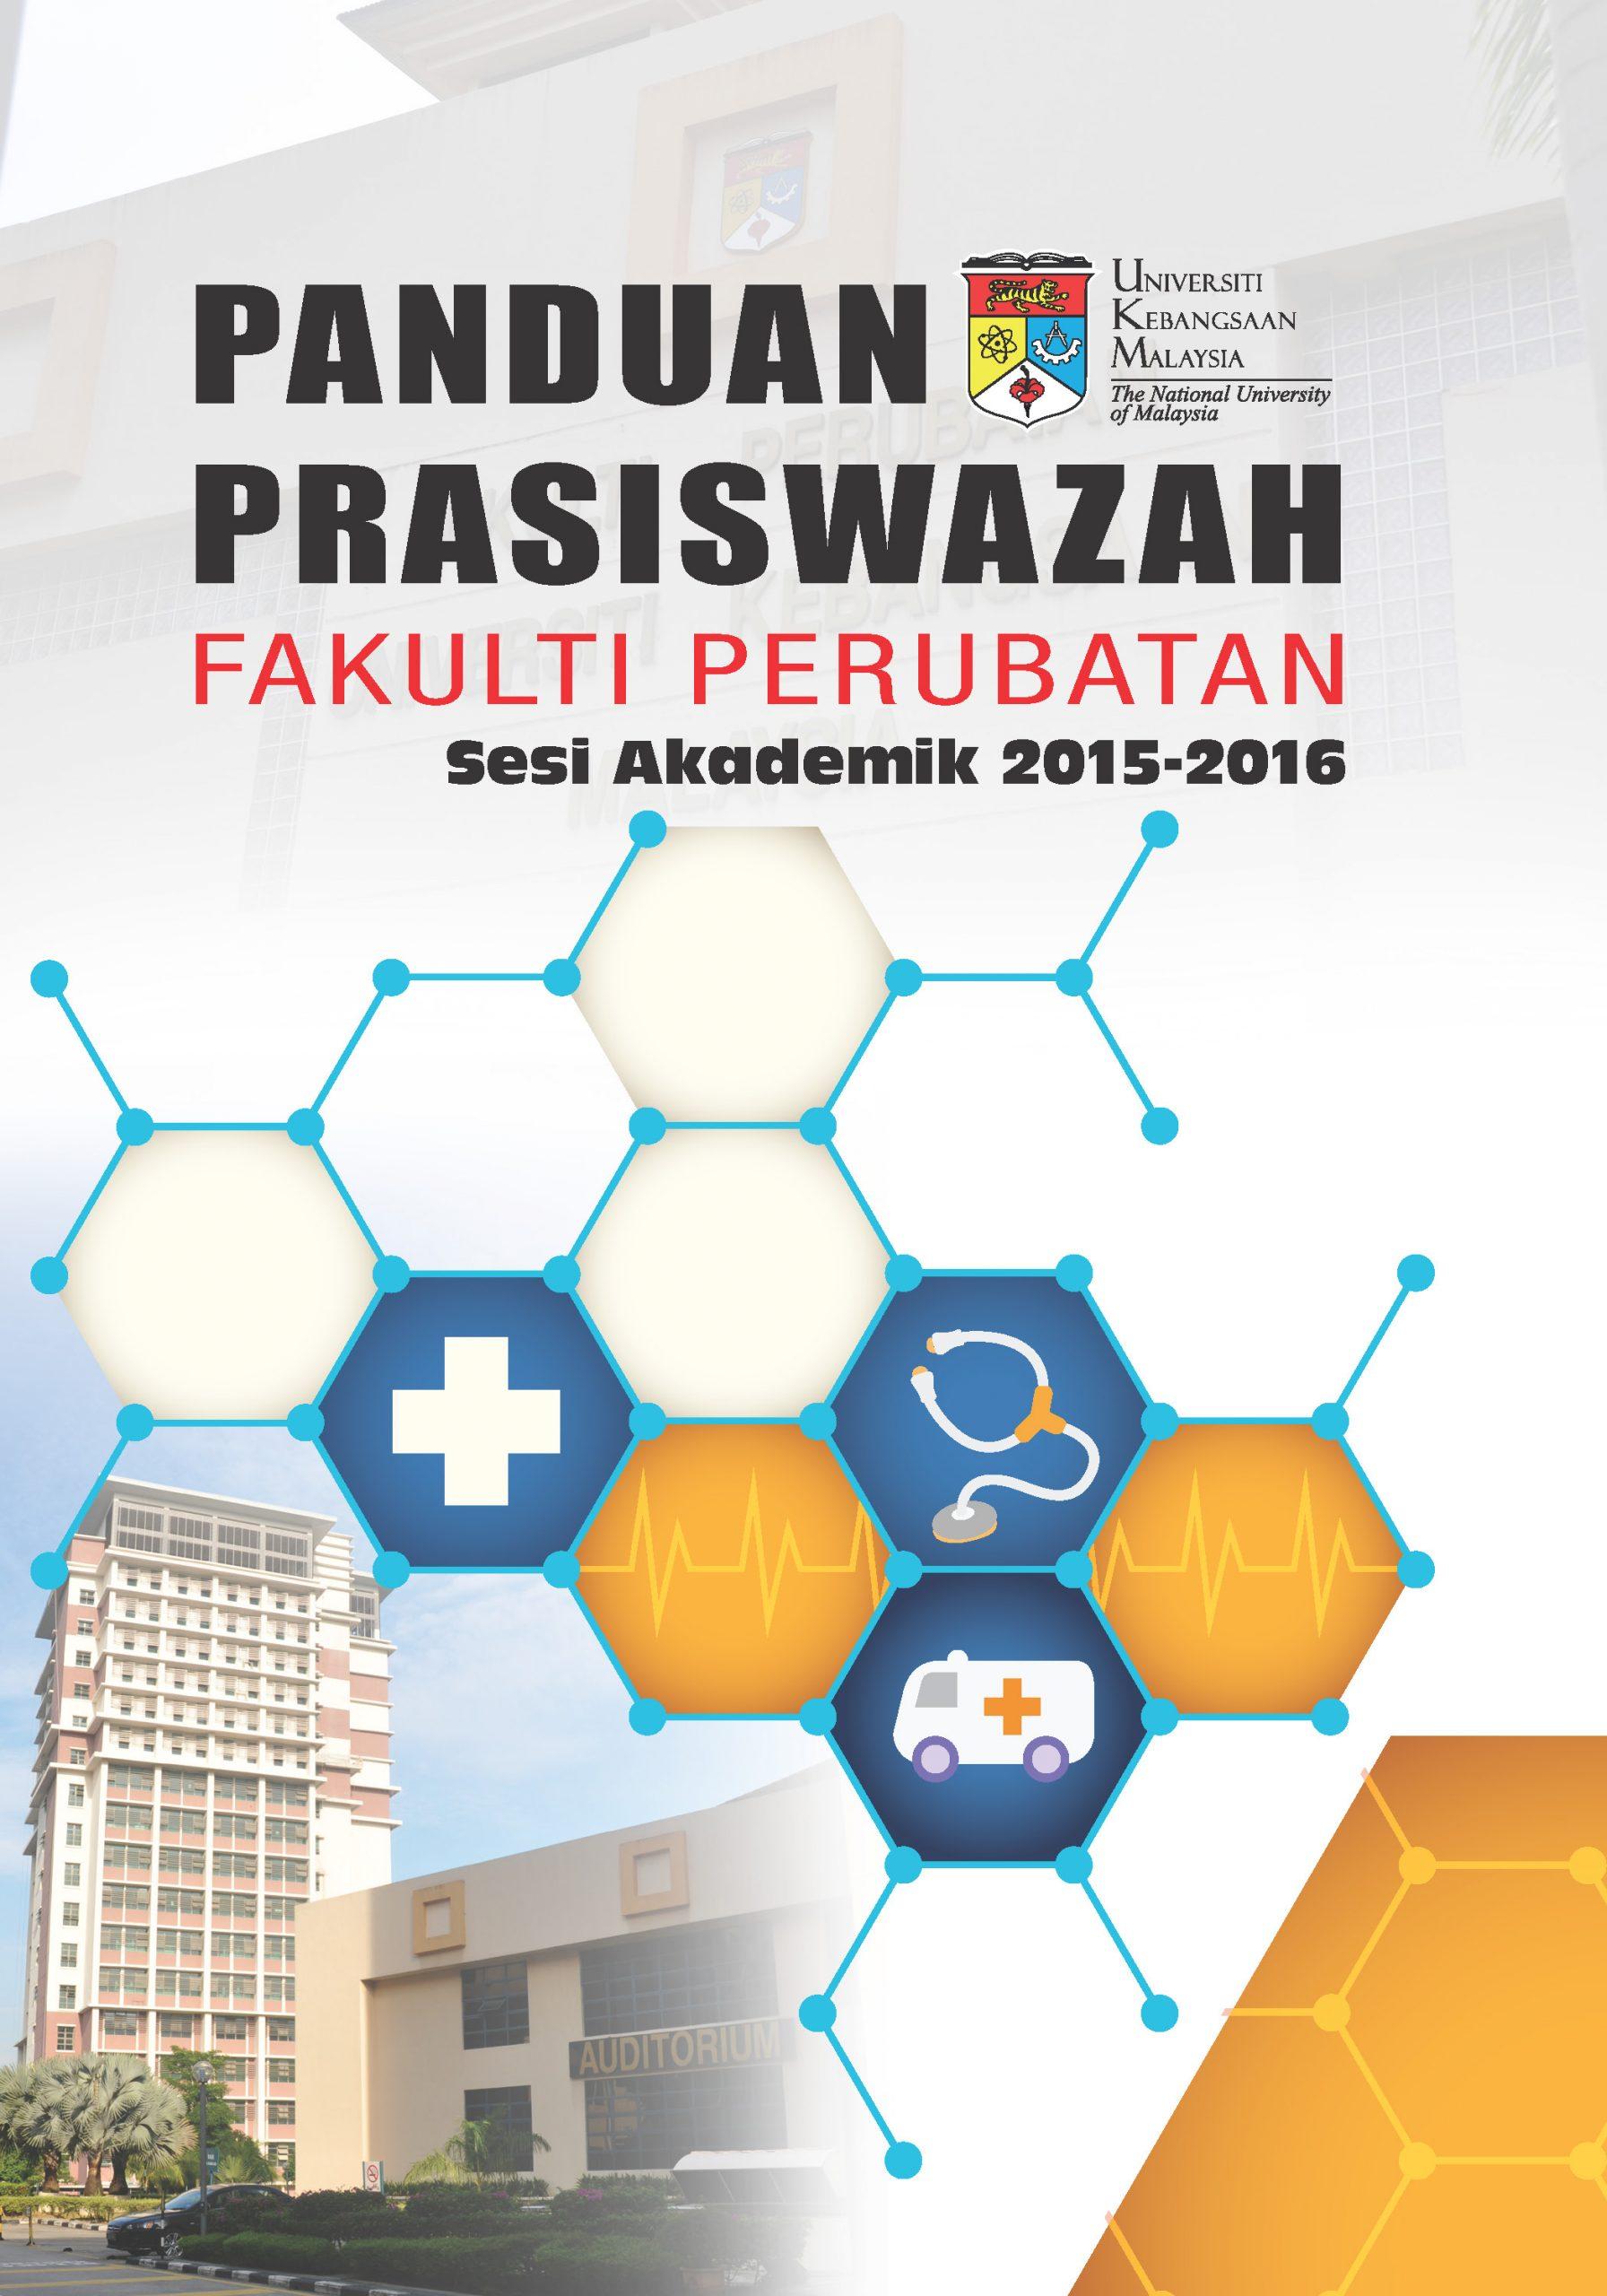 Panduan-Prasiswazah-FPER-UKM-Sesi-2015-2016_Page_001